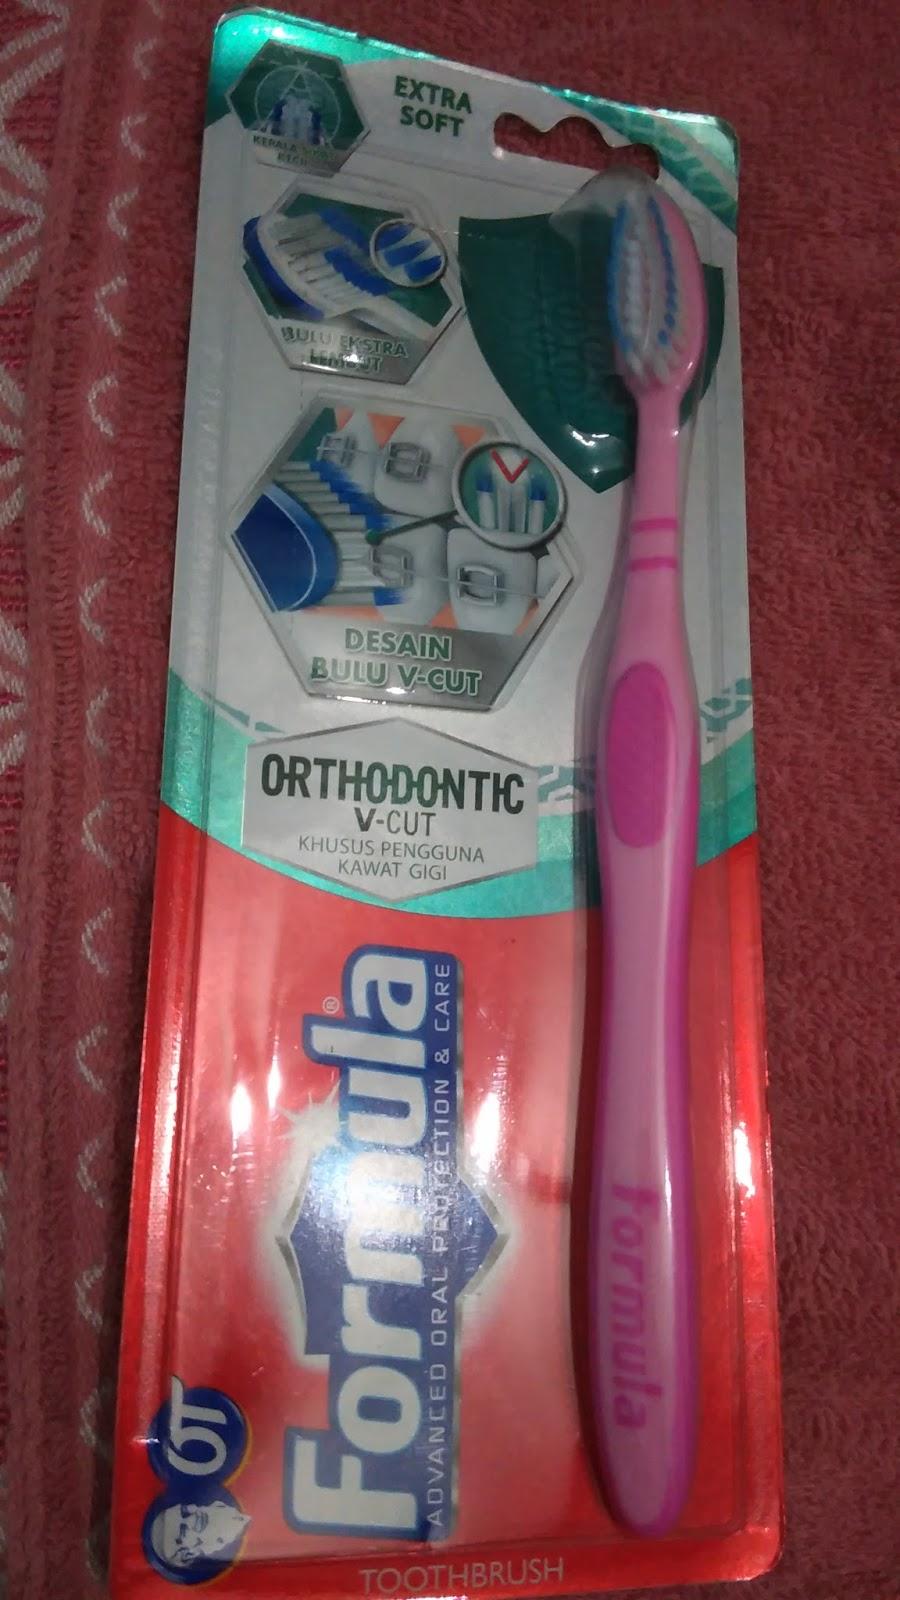 Bentuk sikat gigi khusus behel berbeda ya dengan sikat gigi biasa. Bulu  sikat ny berbentuk v di desain agar pas dengan bentuk bracket. 234ae87131